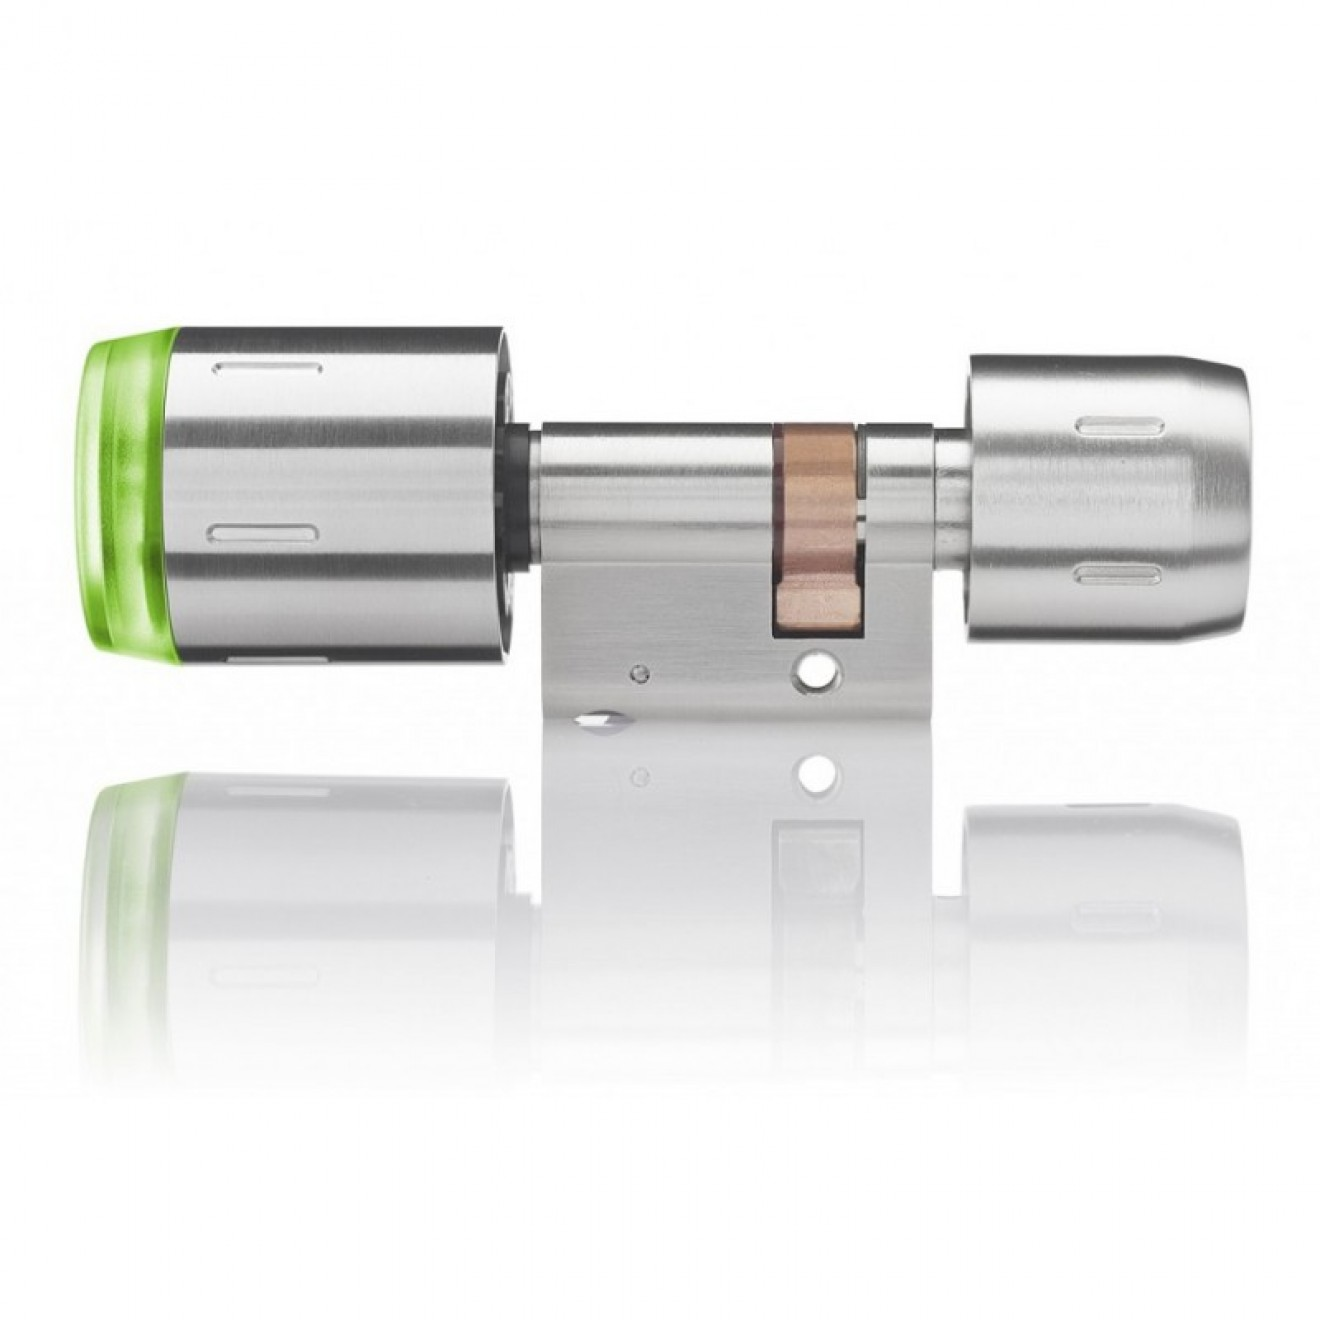 elektronischer schliesszylinder schlieazylinder glasta 1 4 r elektronische abus